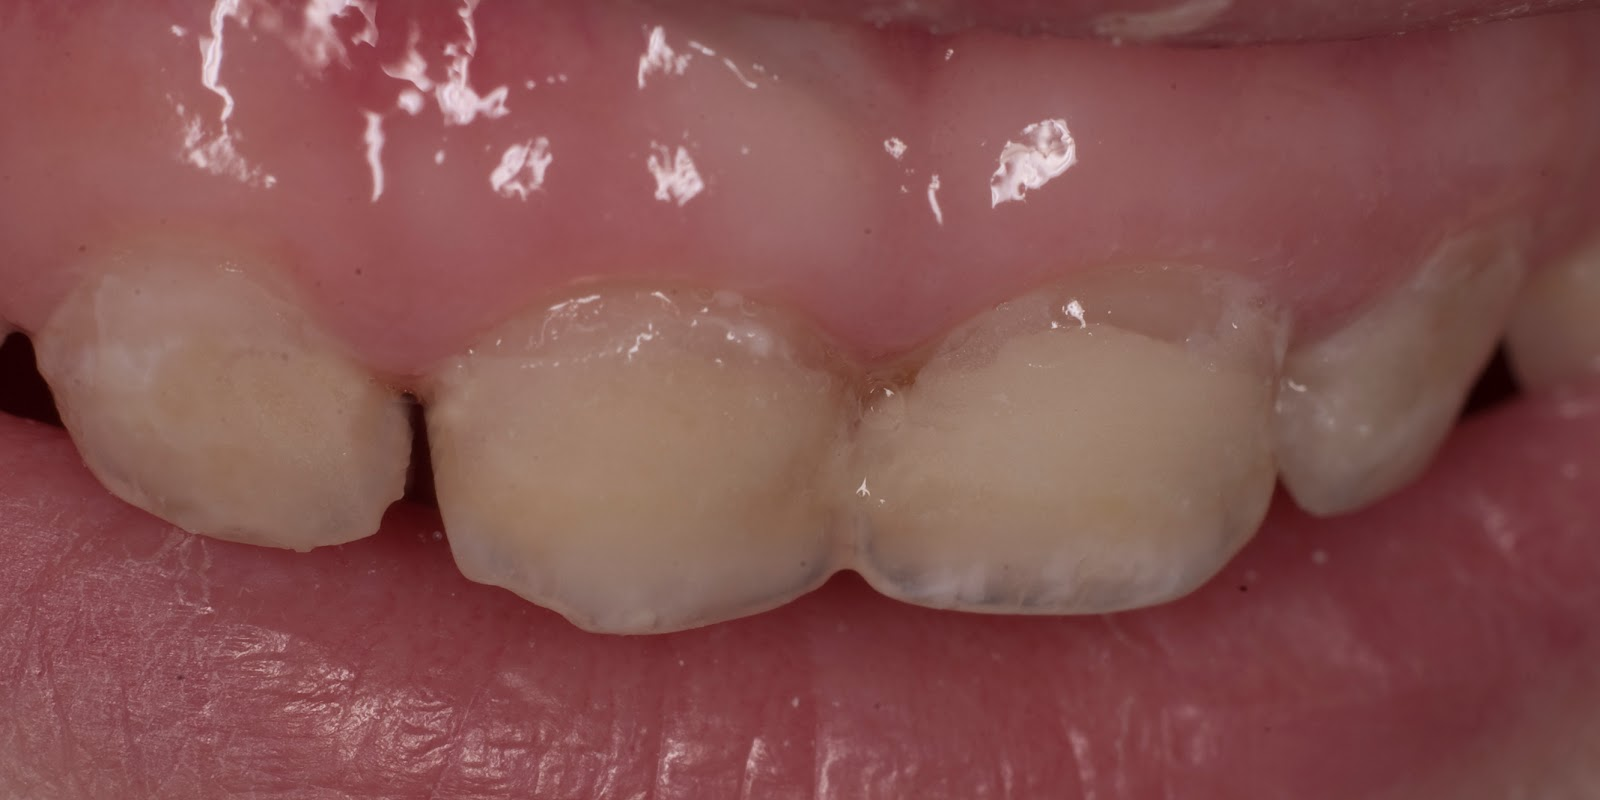 Как ребенку запломбировать зуб